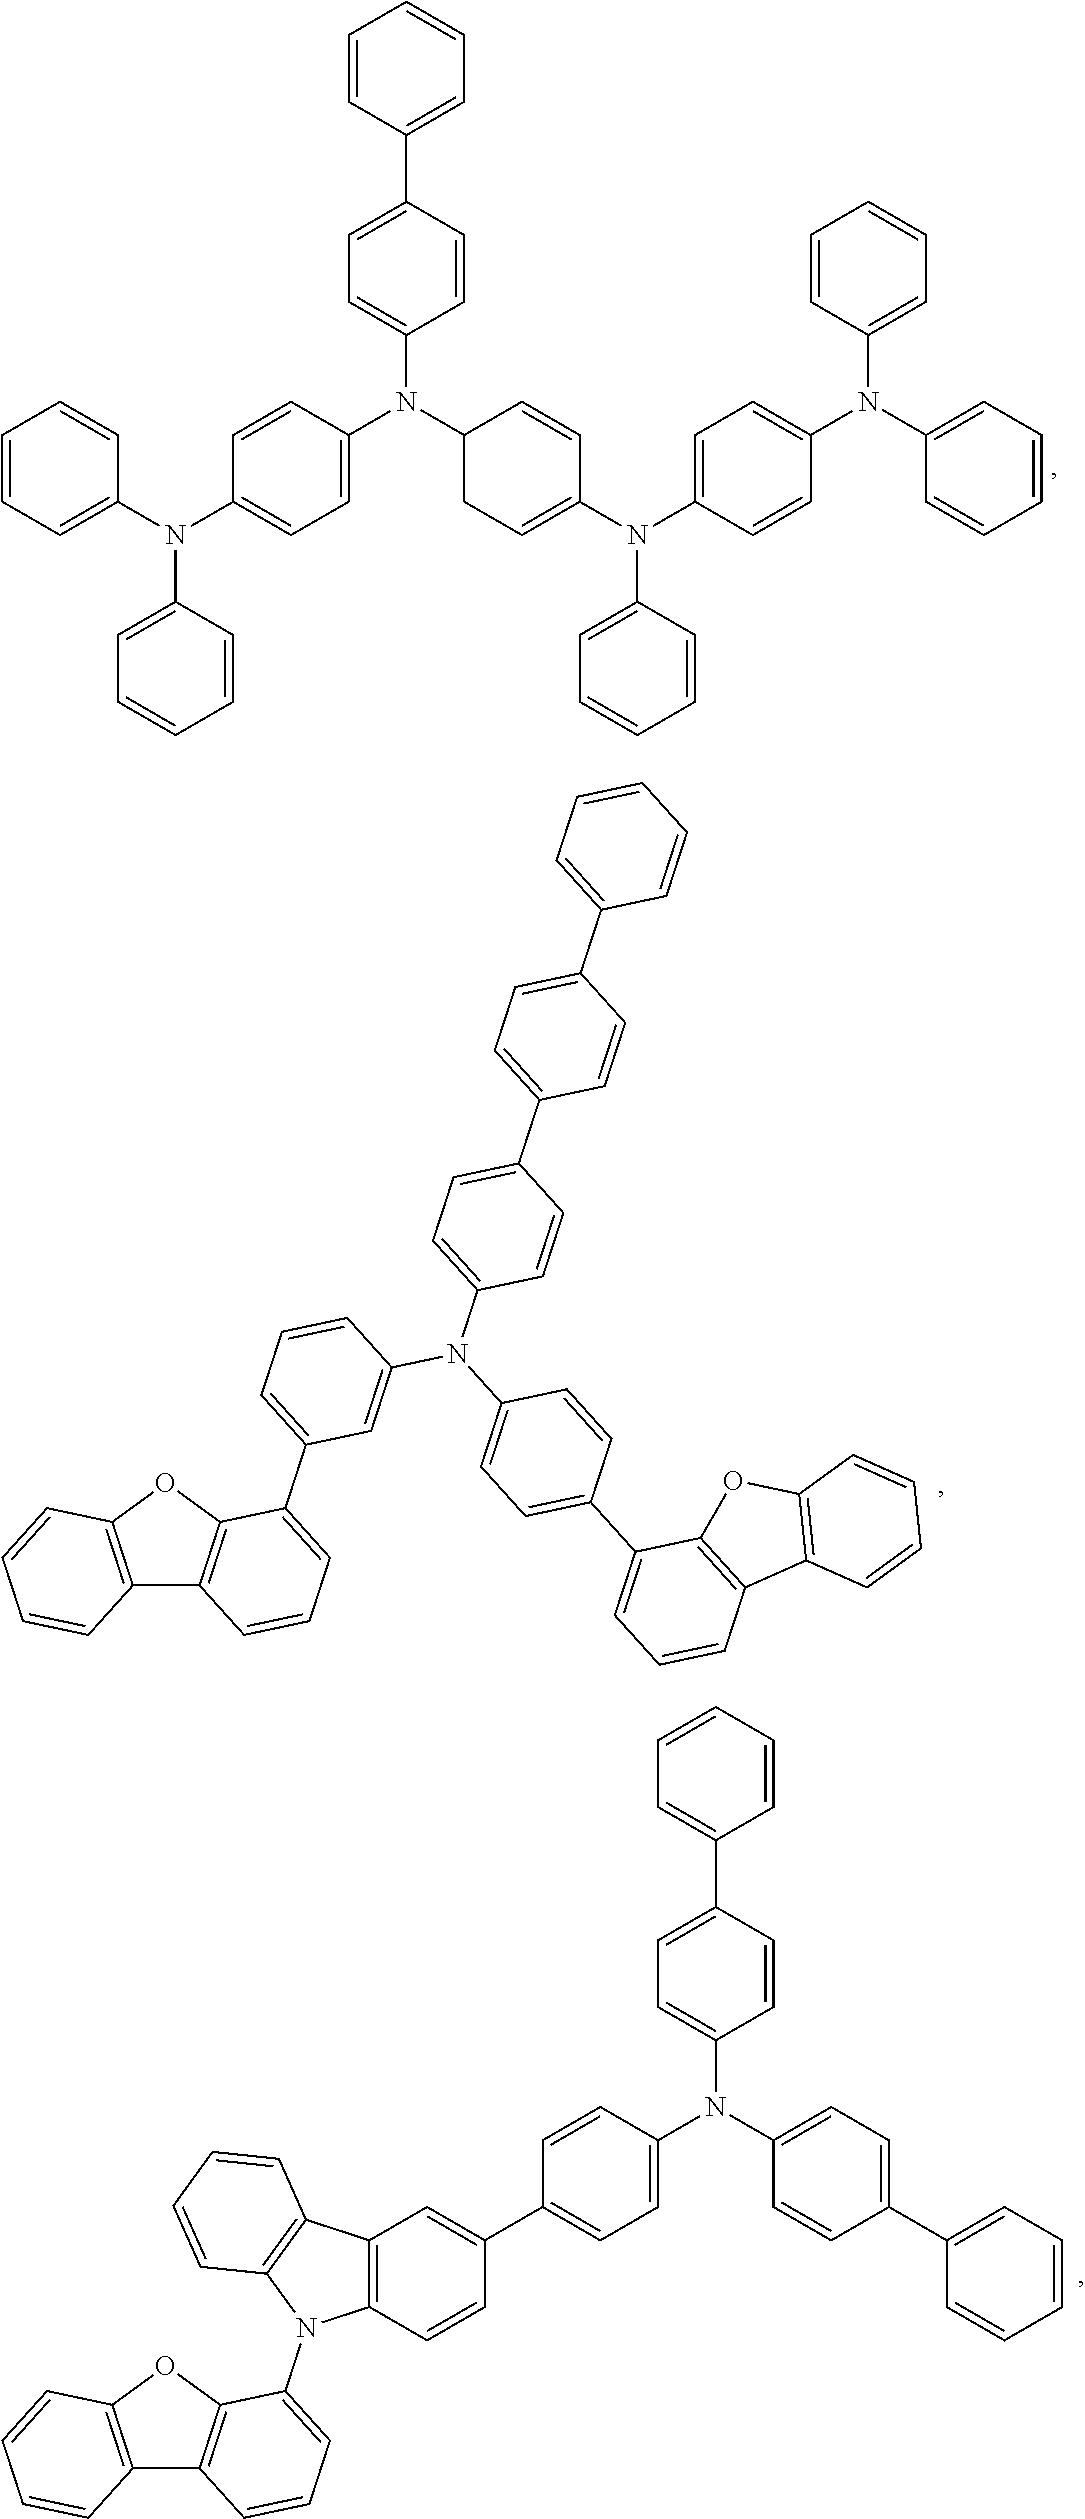 Figure US20180130962A1-20180510-C00151